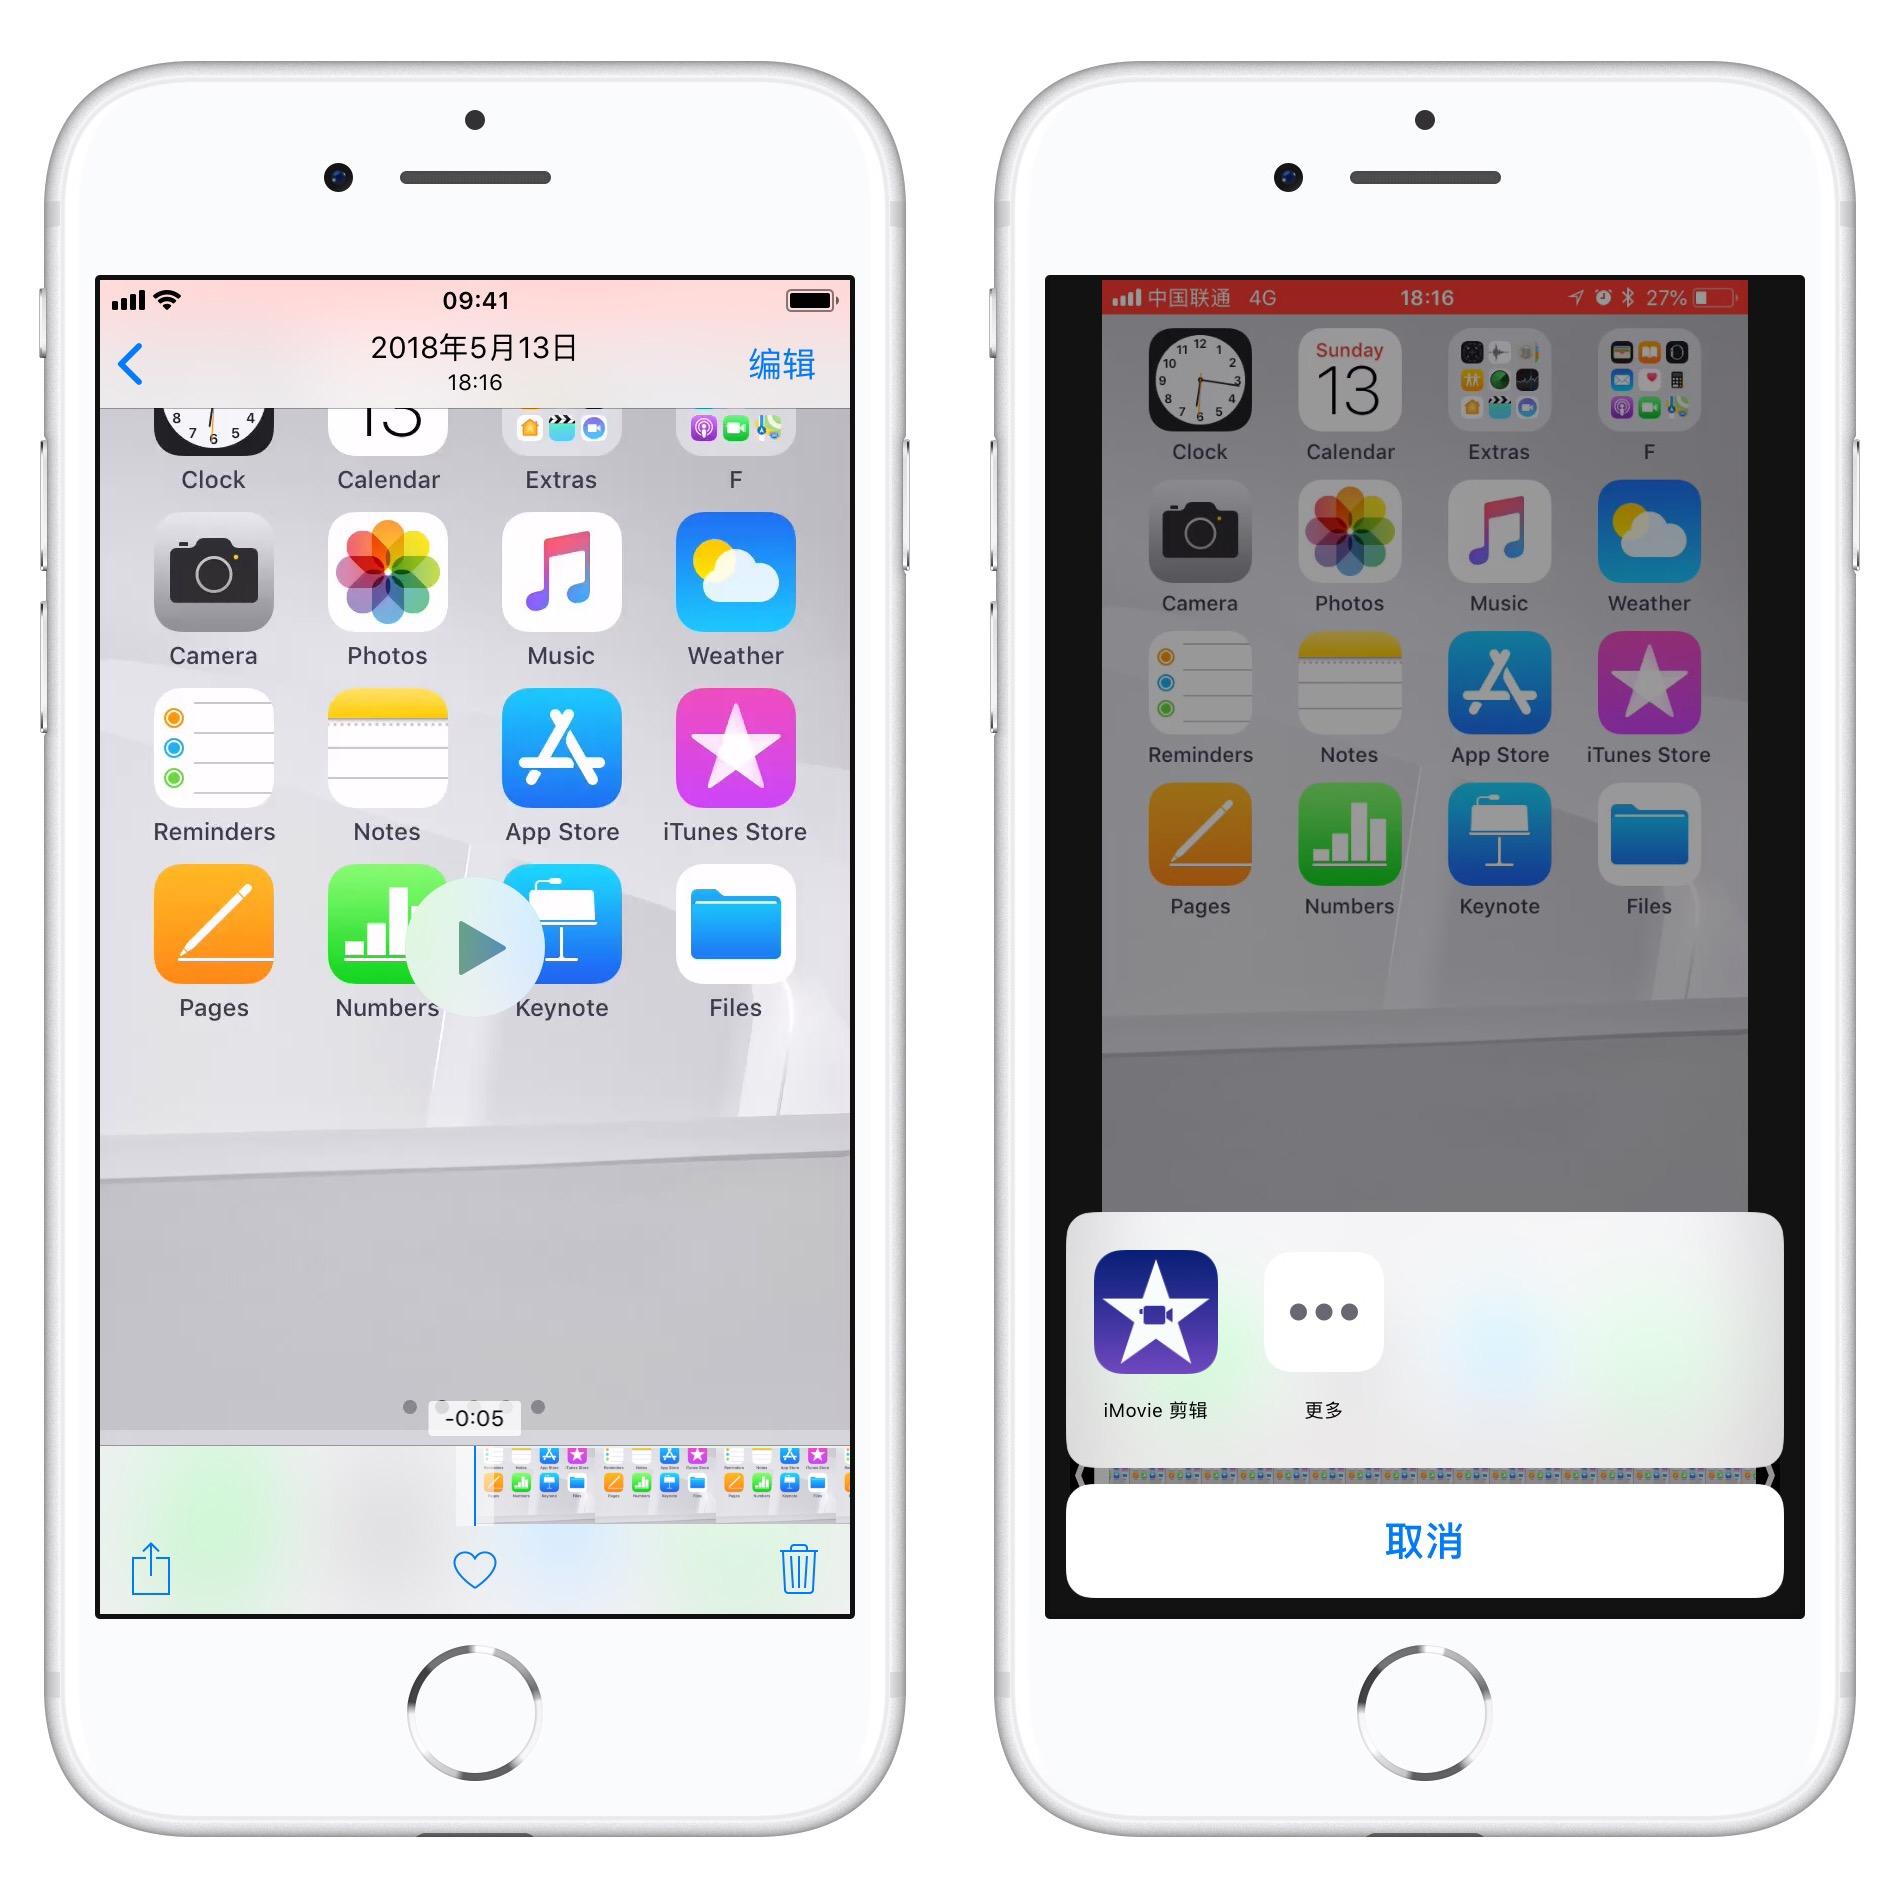 iPhone 拍摄的视频如何添加滤镜?苹果手机如何为视频添加滤镜?